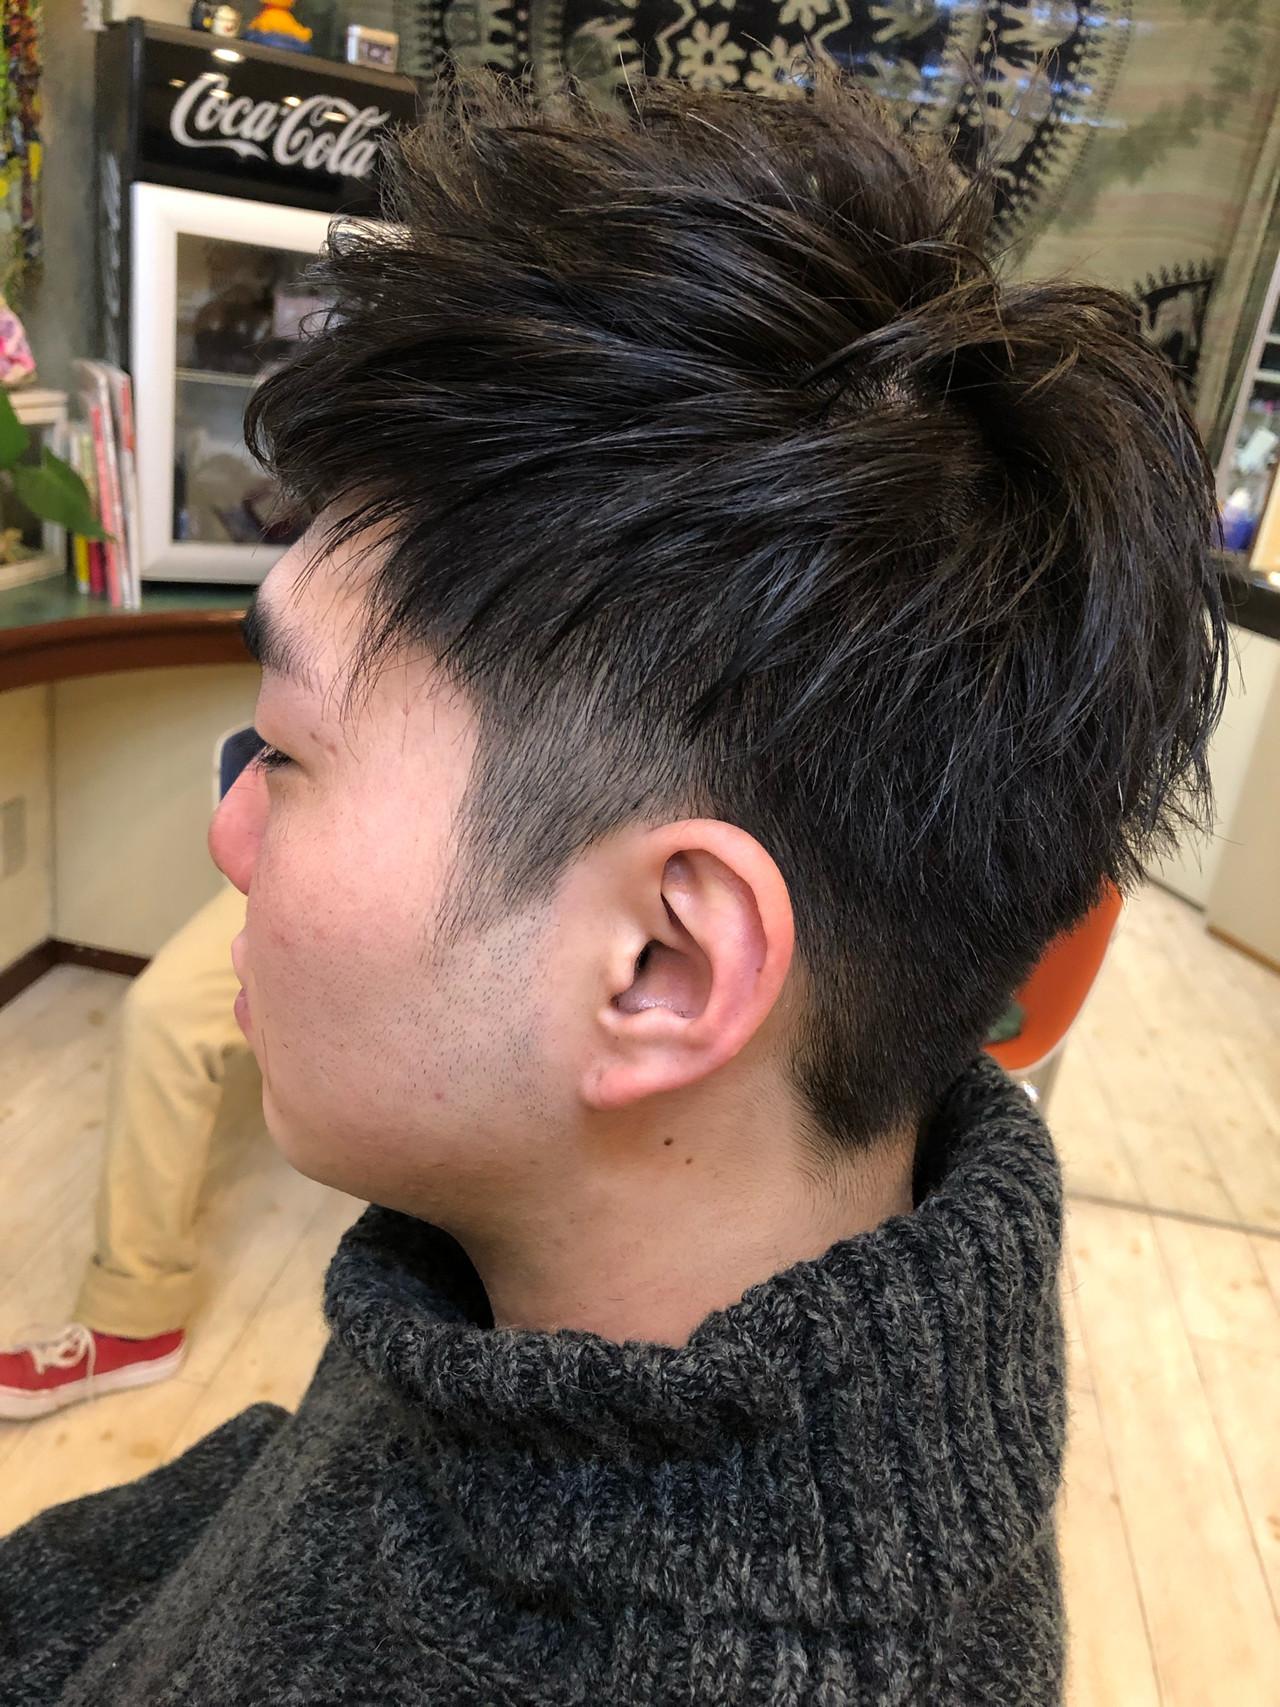 メンズ フェミニン メンズカジュアル 成人式 ヘアスタイルや髪型の写真・画像 | TMe hair/tomoe chiba / TMe hair川崎小田